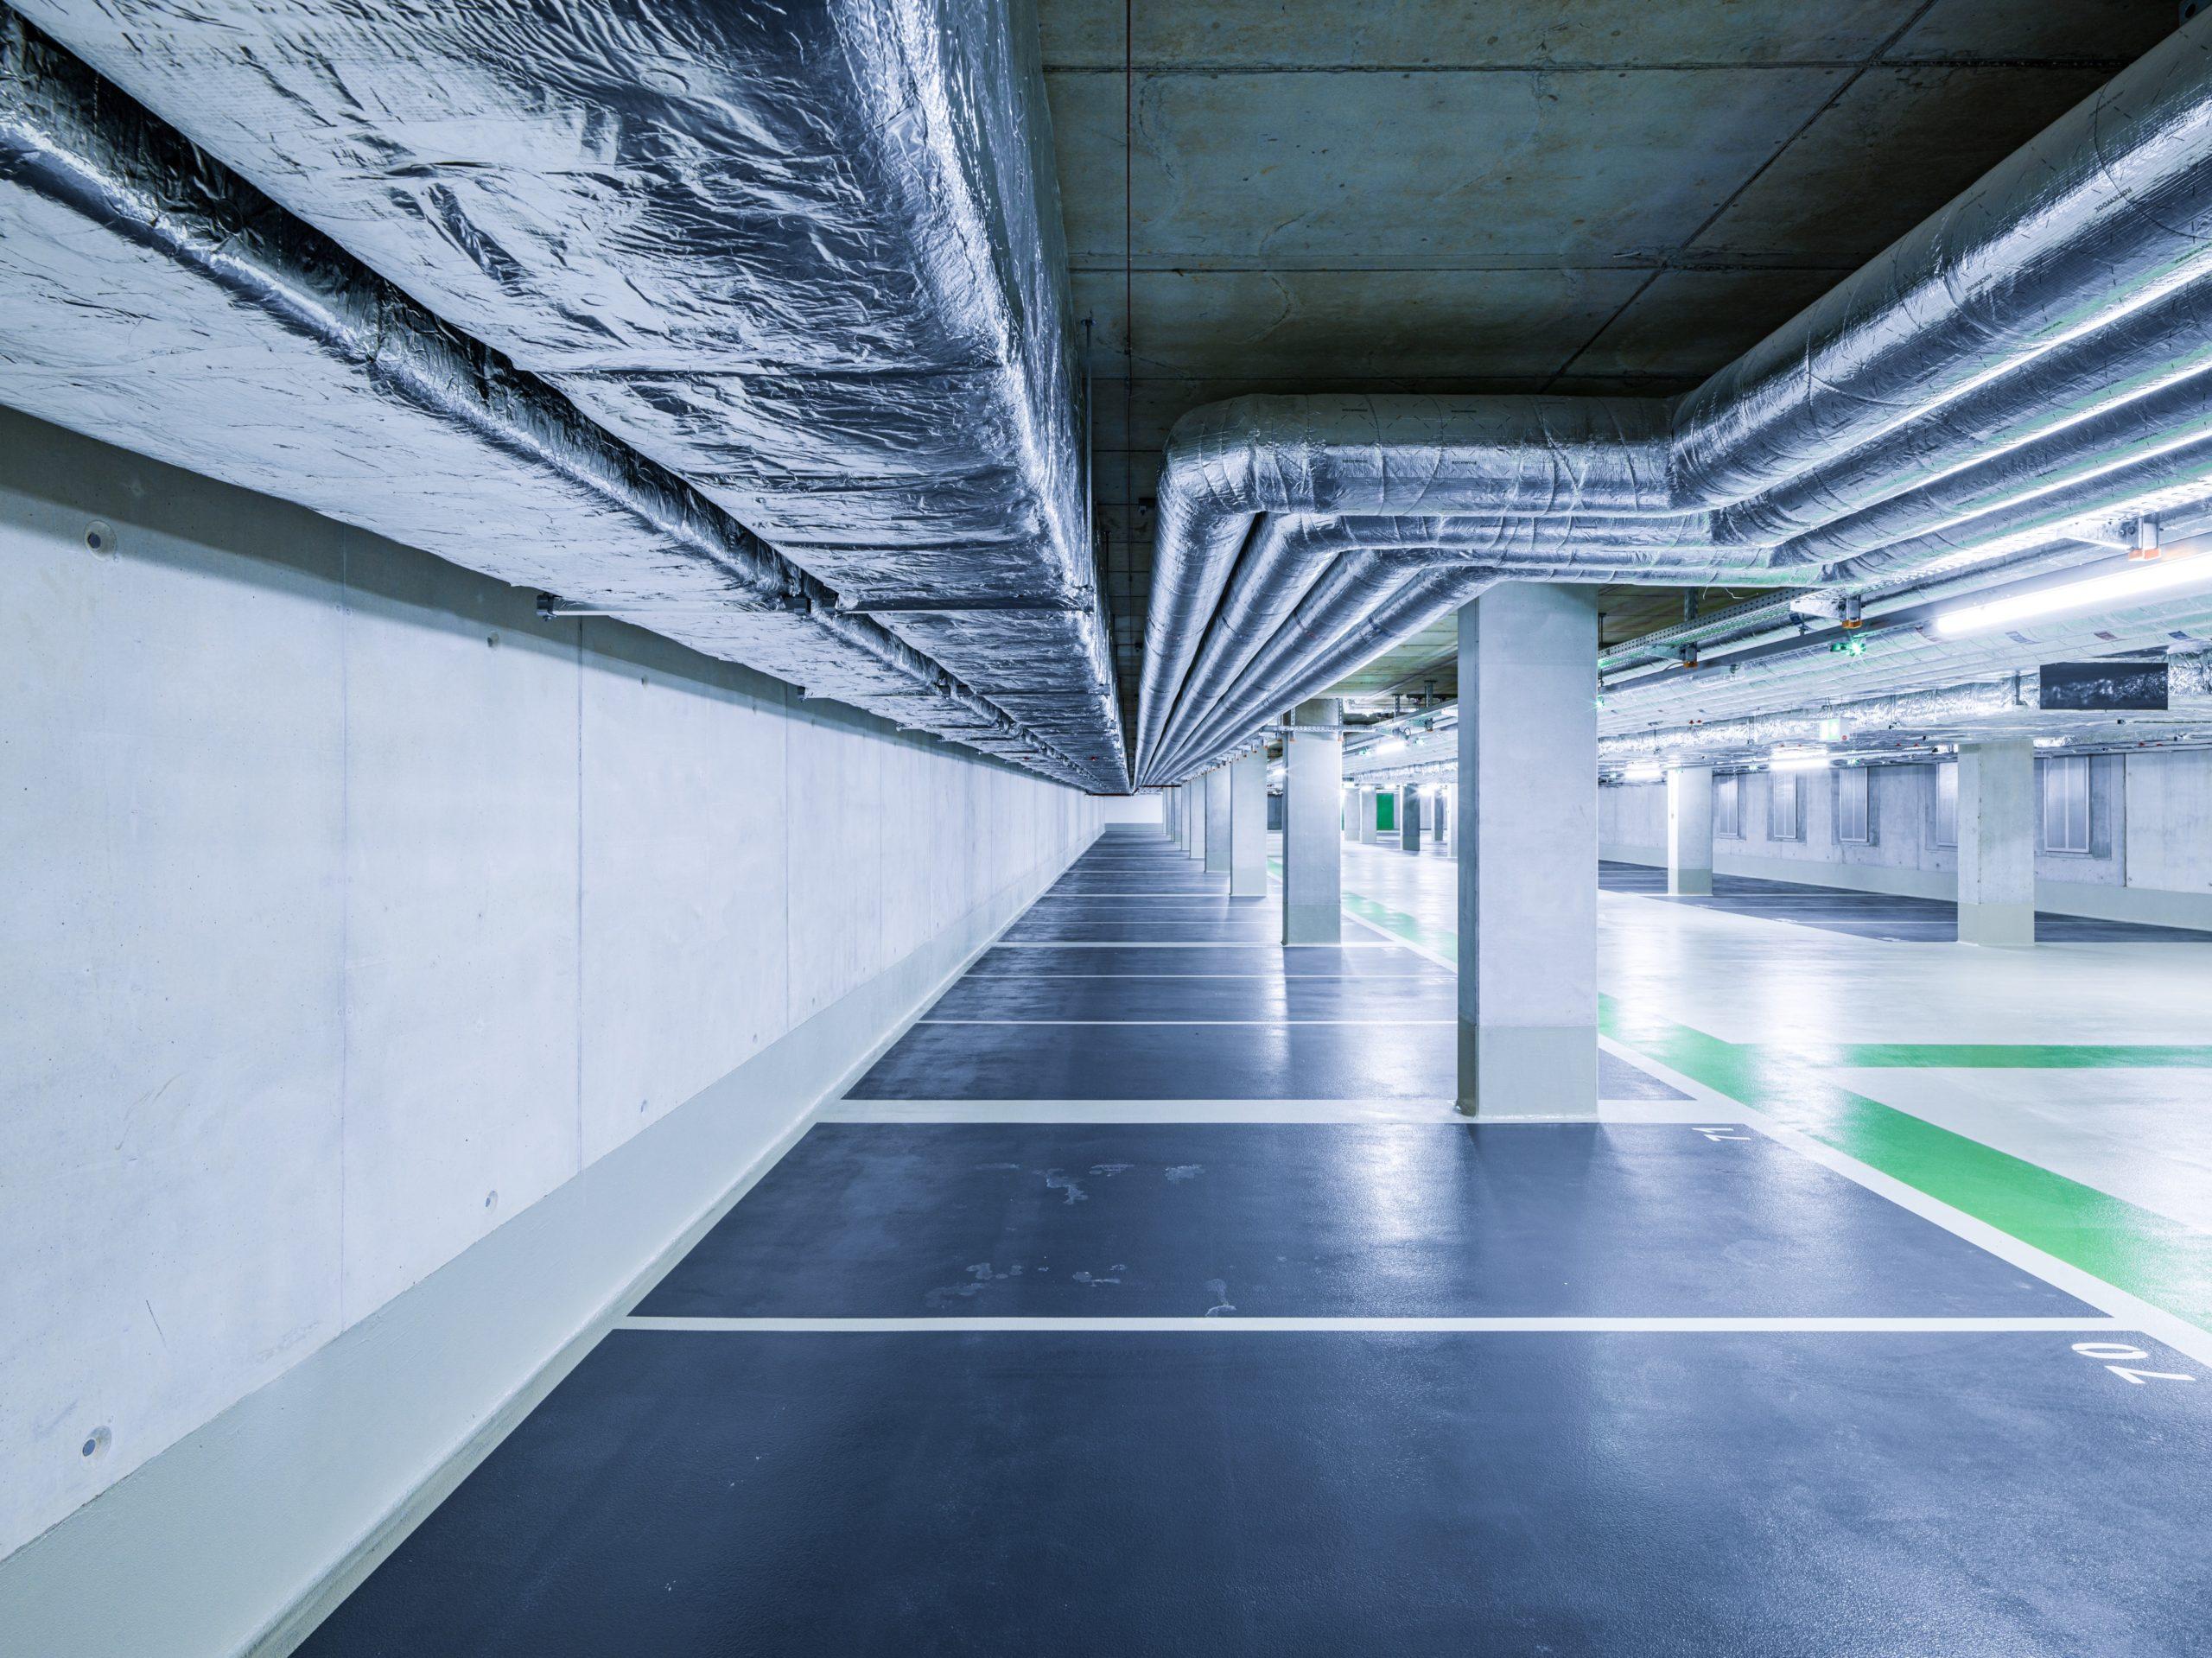 Tiefgarage mit Lüftungskanälen im neuen Headquarter der HeidelbergCement AG.